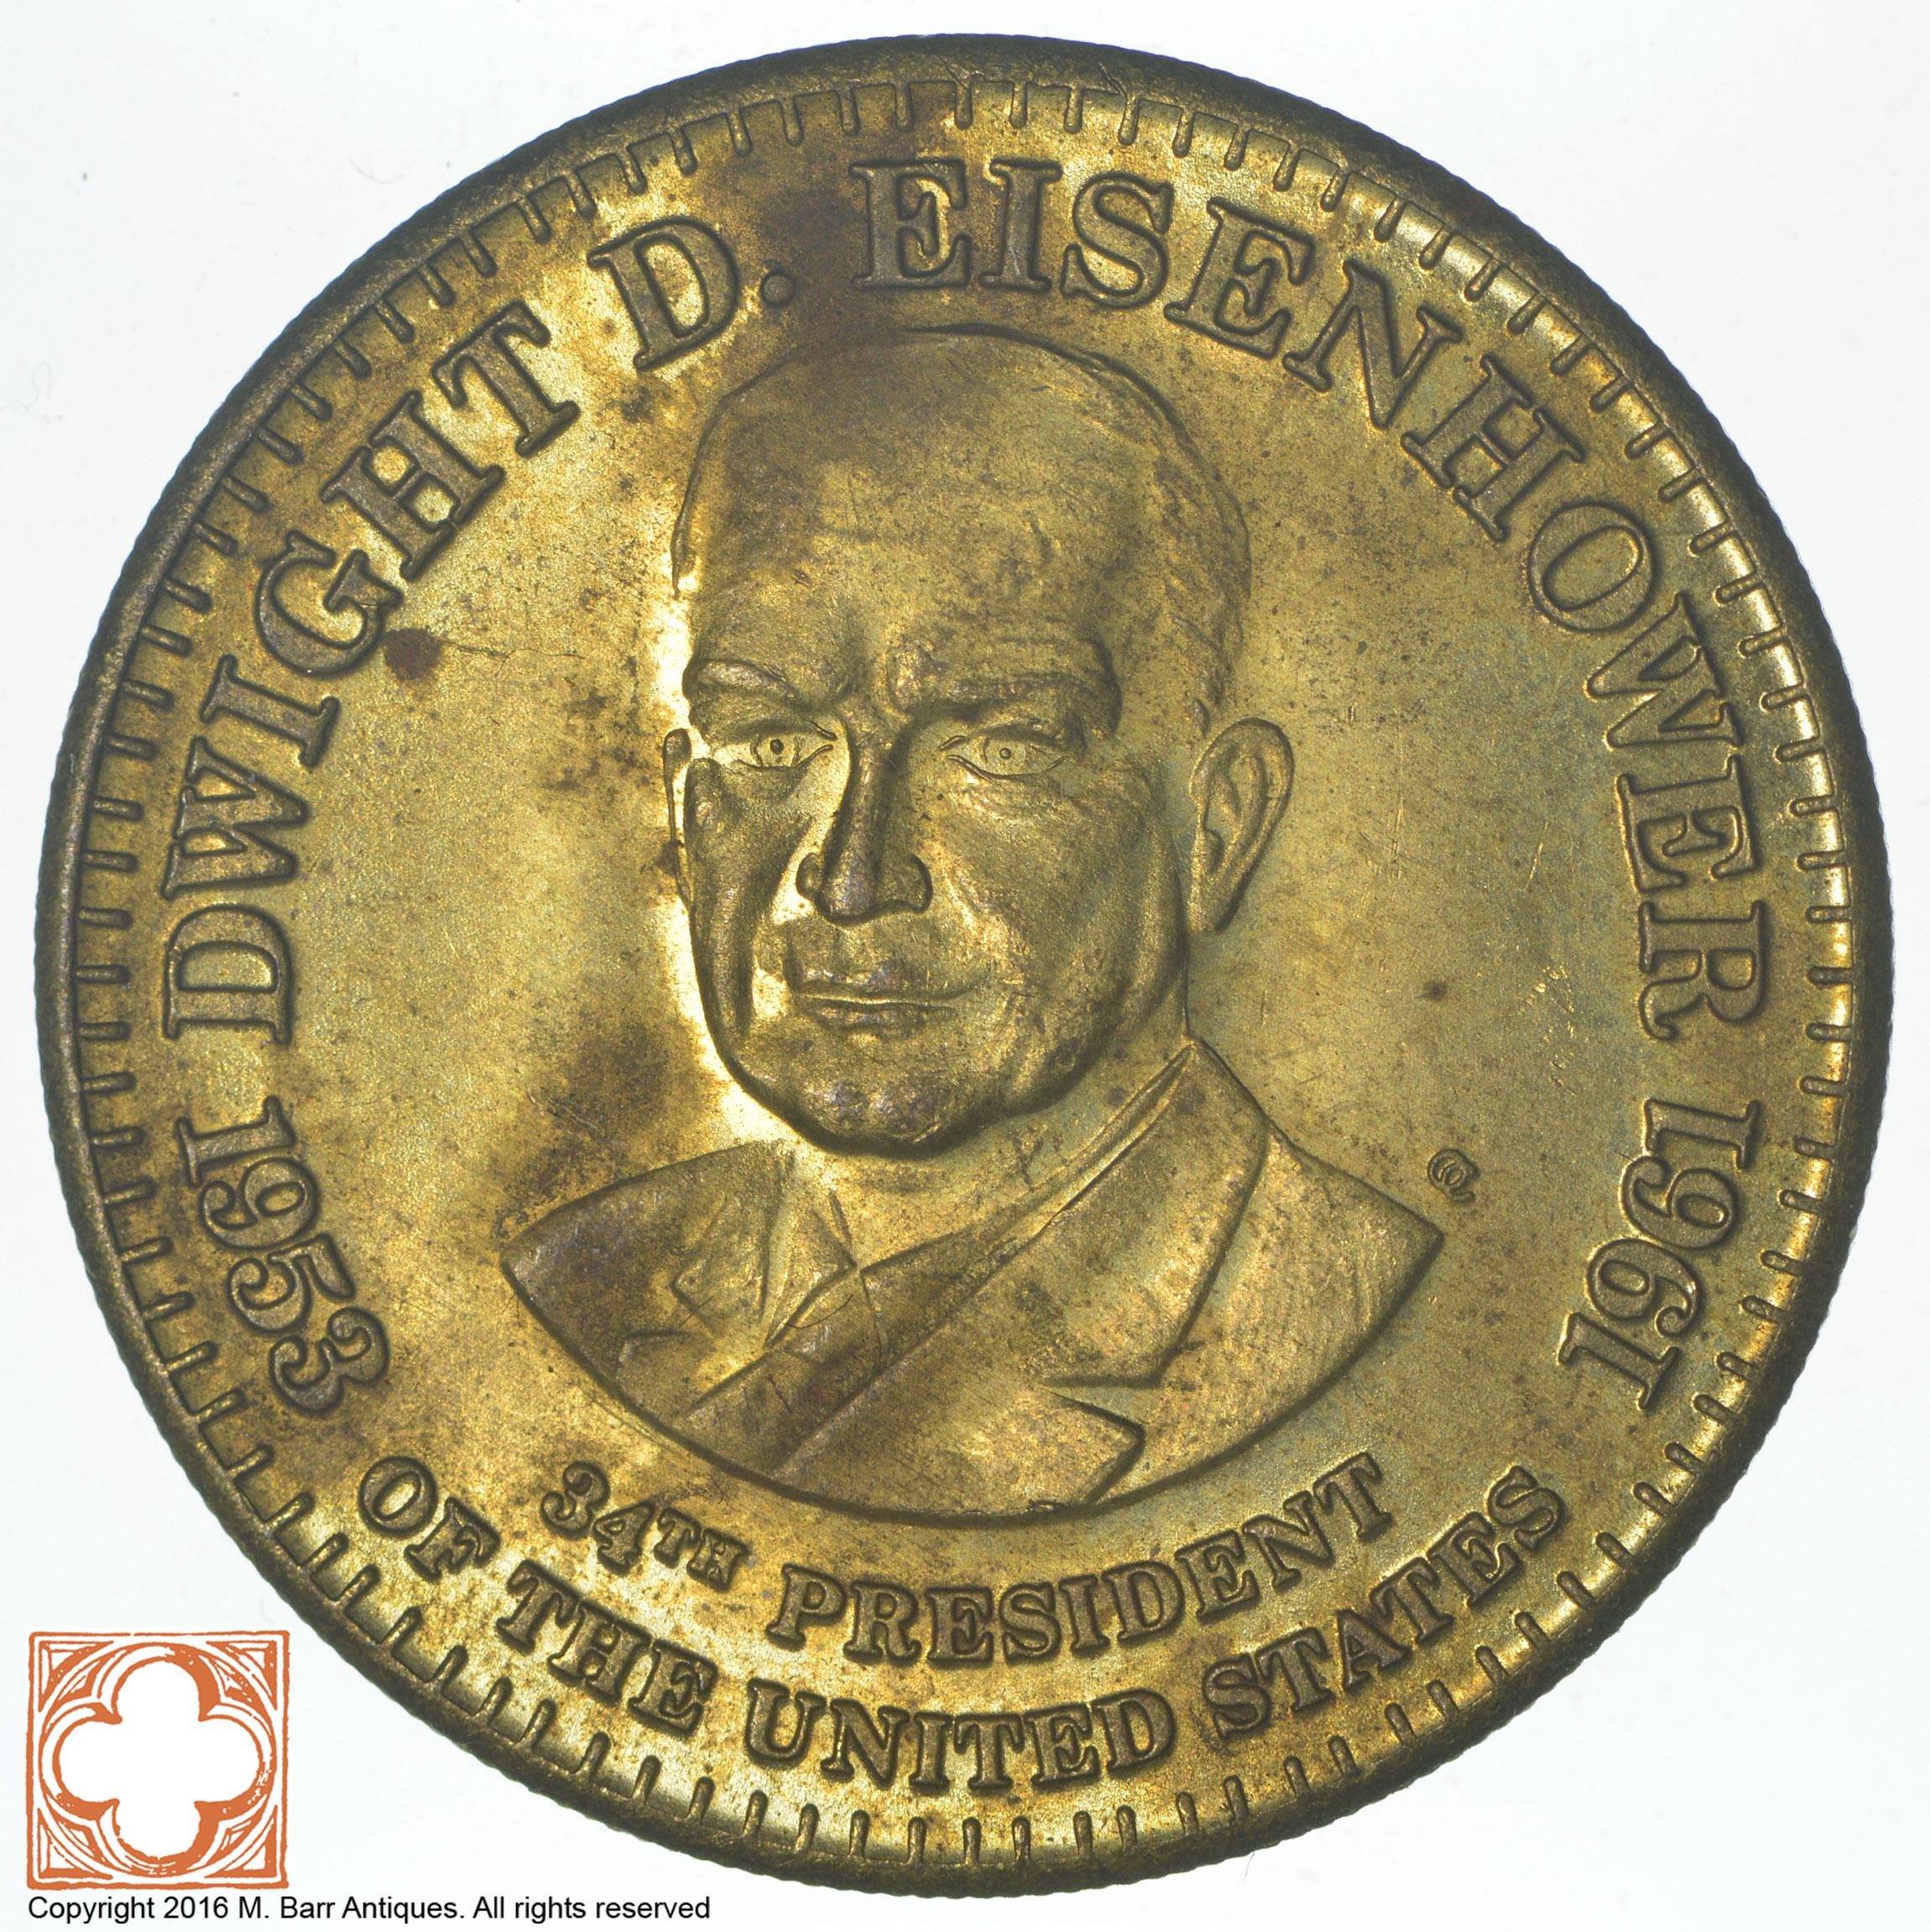 Dwight D 34th President Eisenhower 1953-1961 Million Dollar Novelty Money